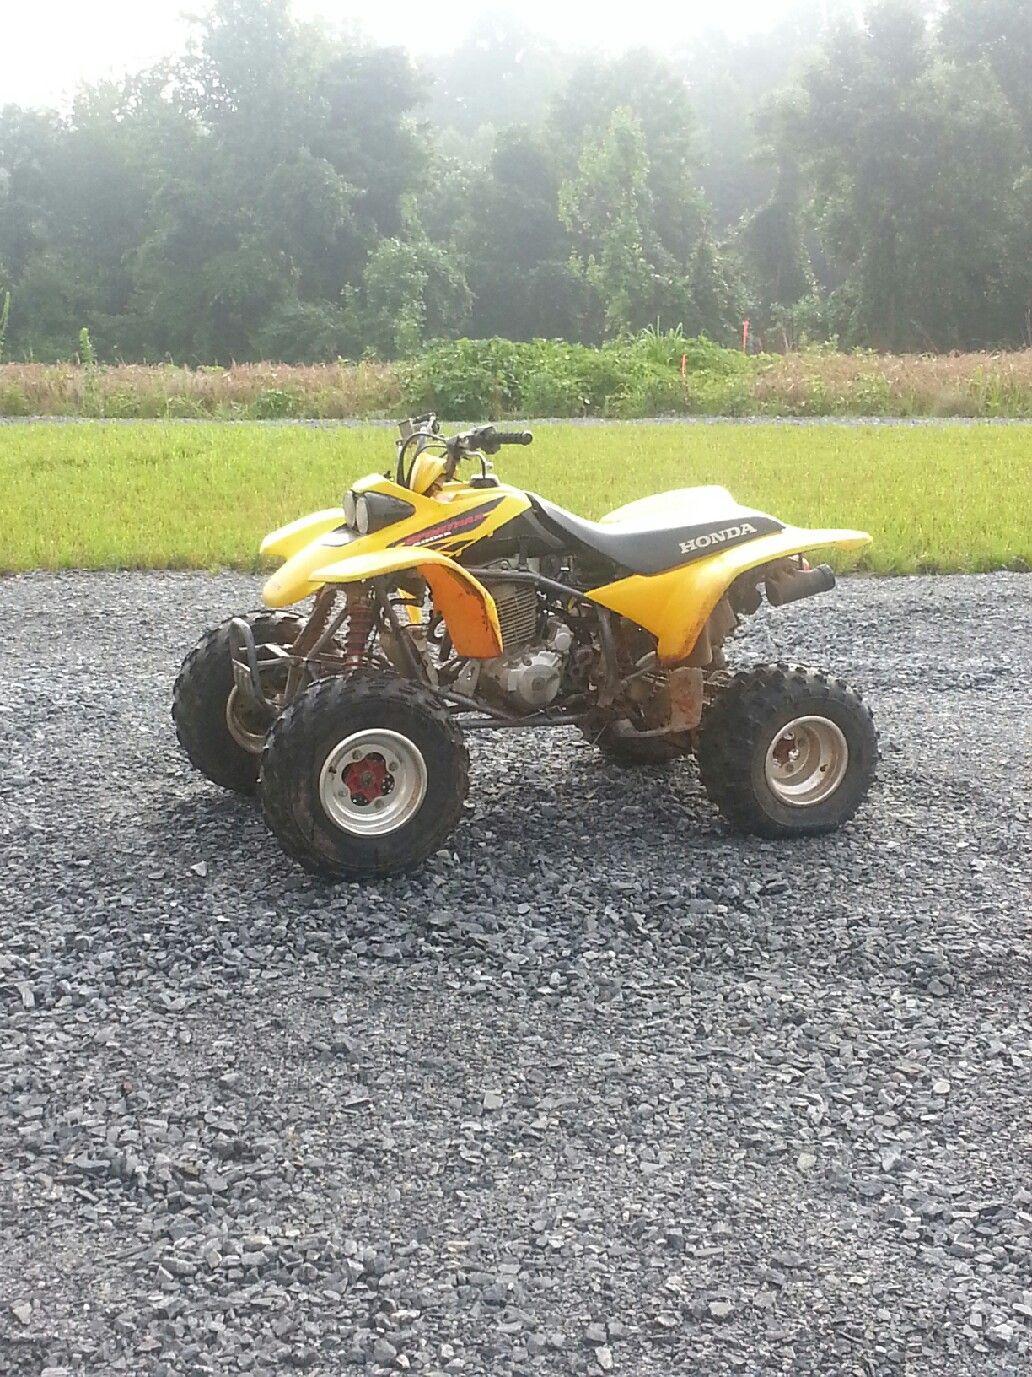 My 2002 Honda TRX400EX Sportrax